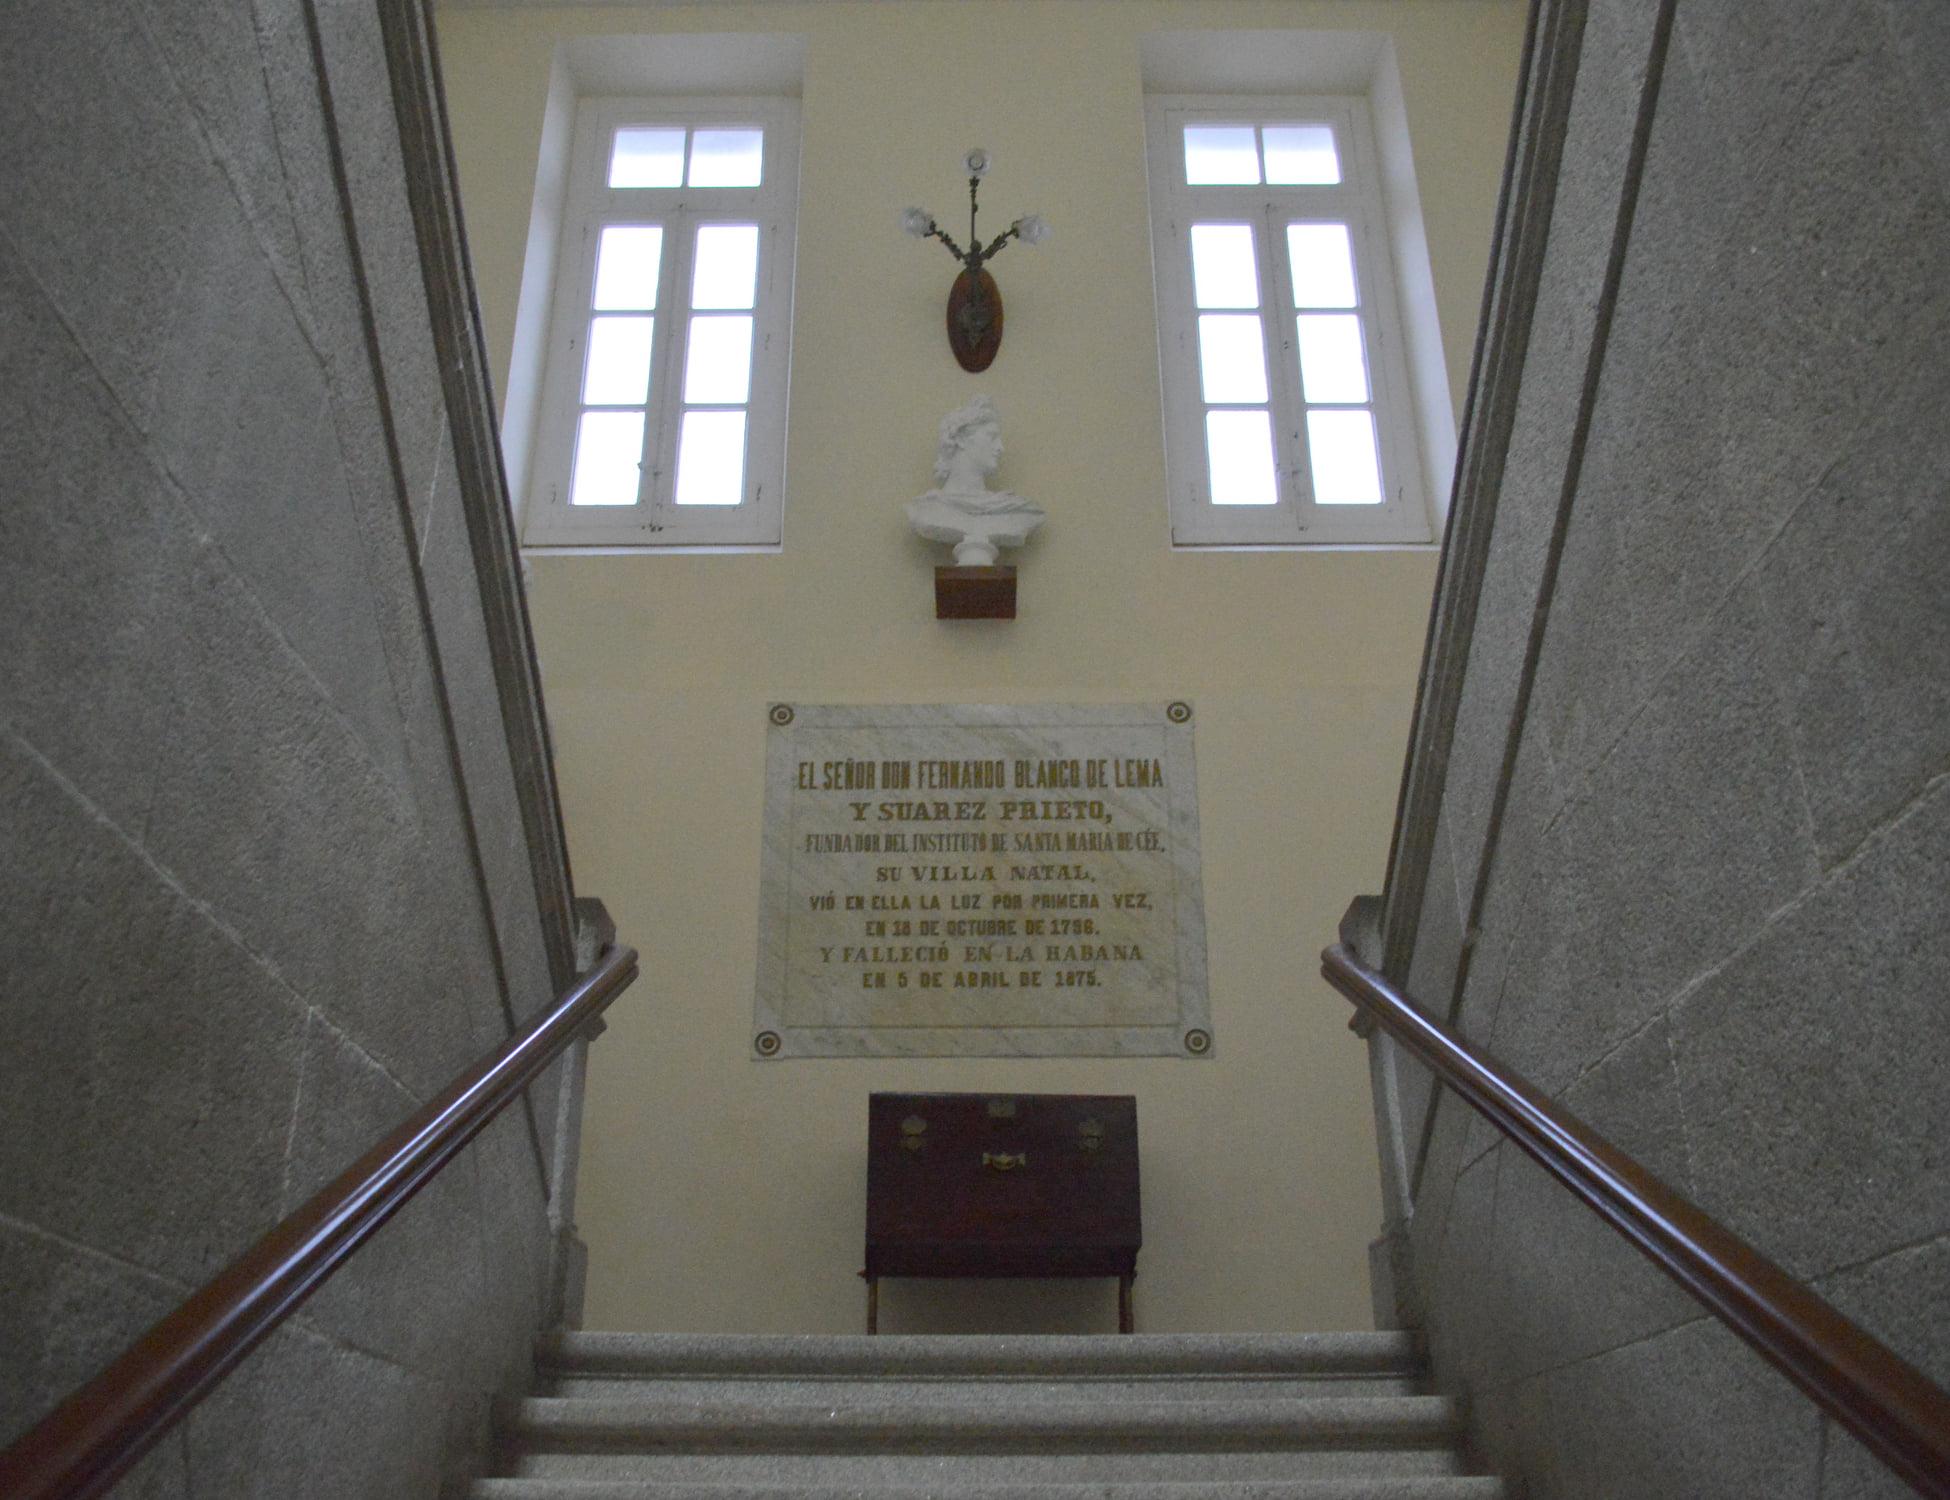 """""""La confianza en uno mismo es el primer escalón para ascender por la escalera del éxito"""" (Ralf Waldo Emerson). Parte superior del primer tramo de la centenaria escalera de piedra del Instituto Fernando Blanco de Cee. 1886."""